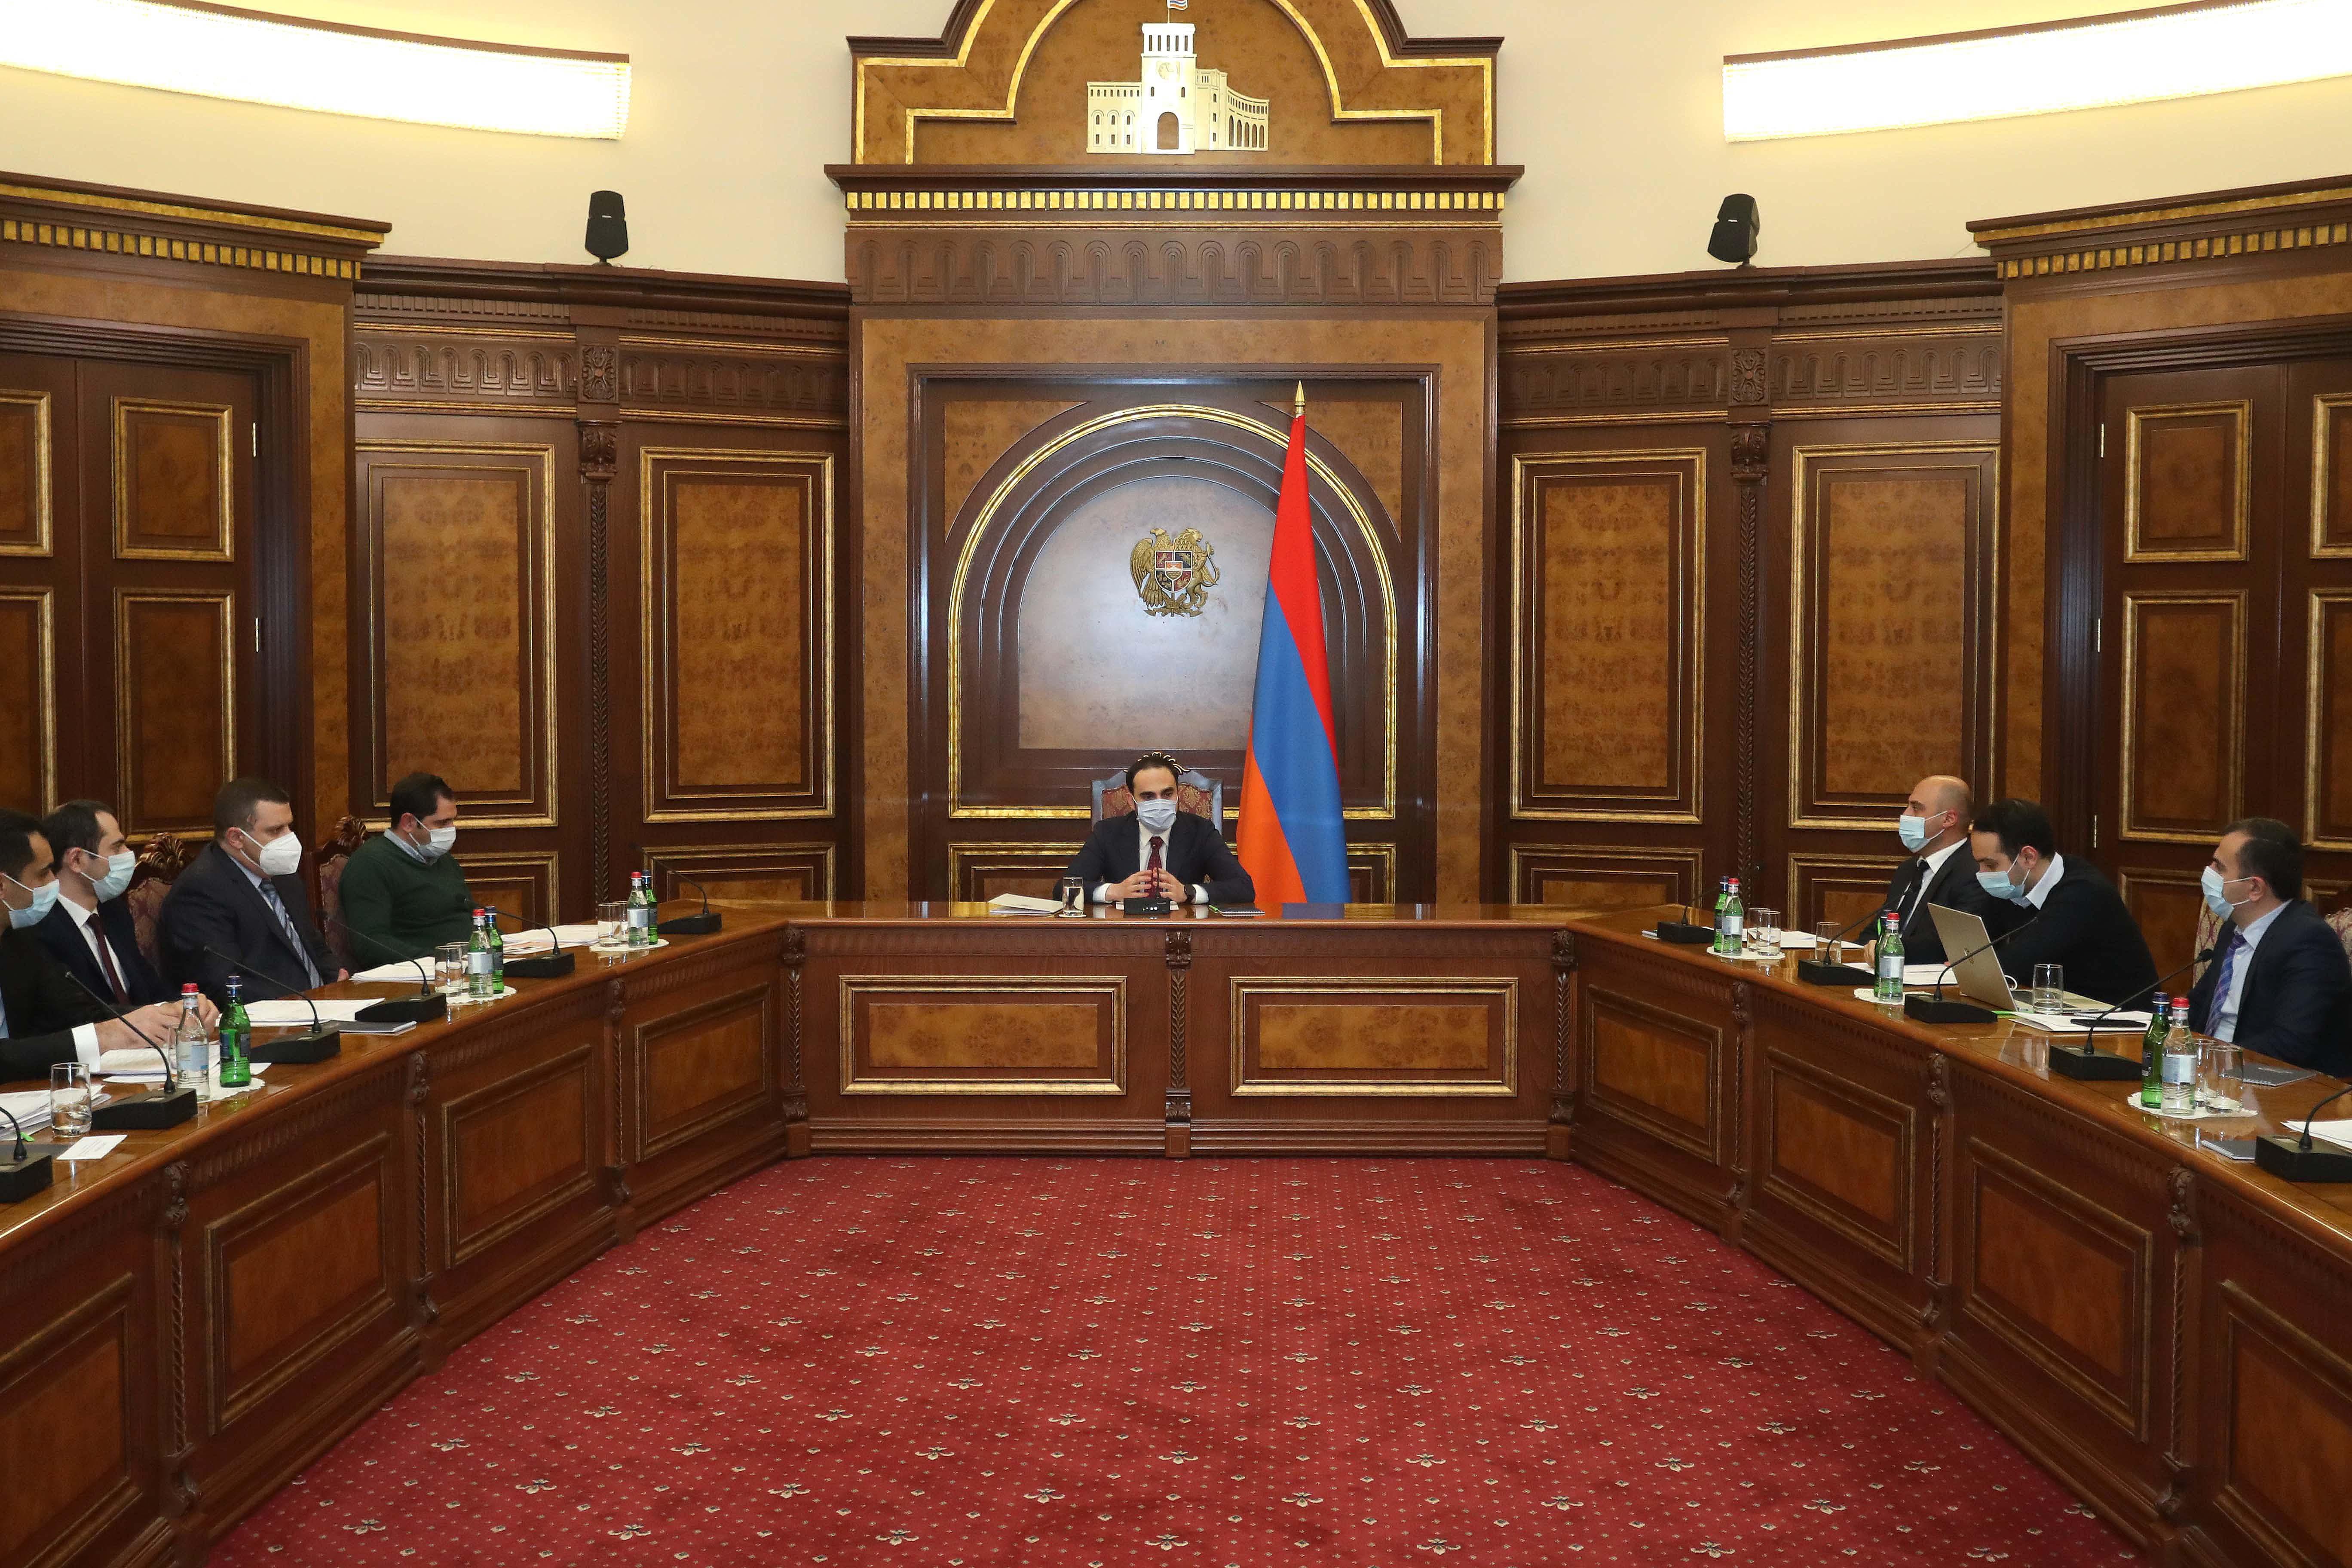 Photo of Փոխվարչապետի գլխավորությամբ տեղի է ունեցել միջգերատեսչական հանձնաժողովի նիստ